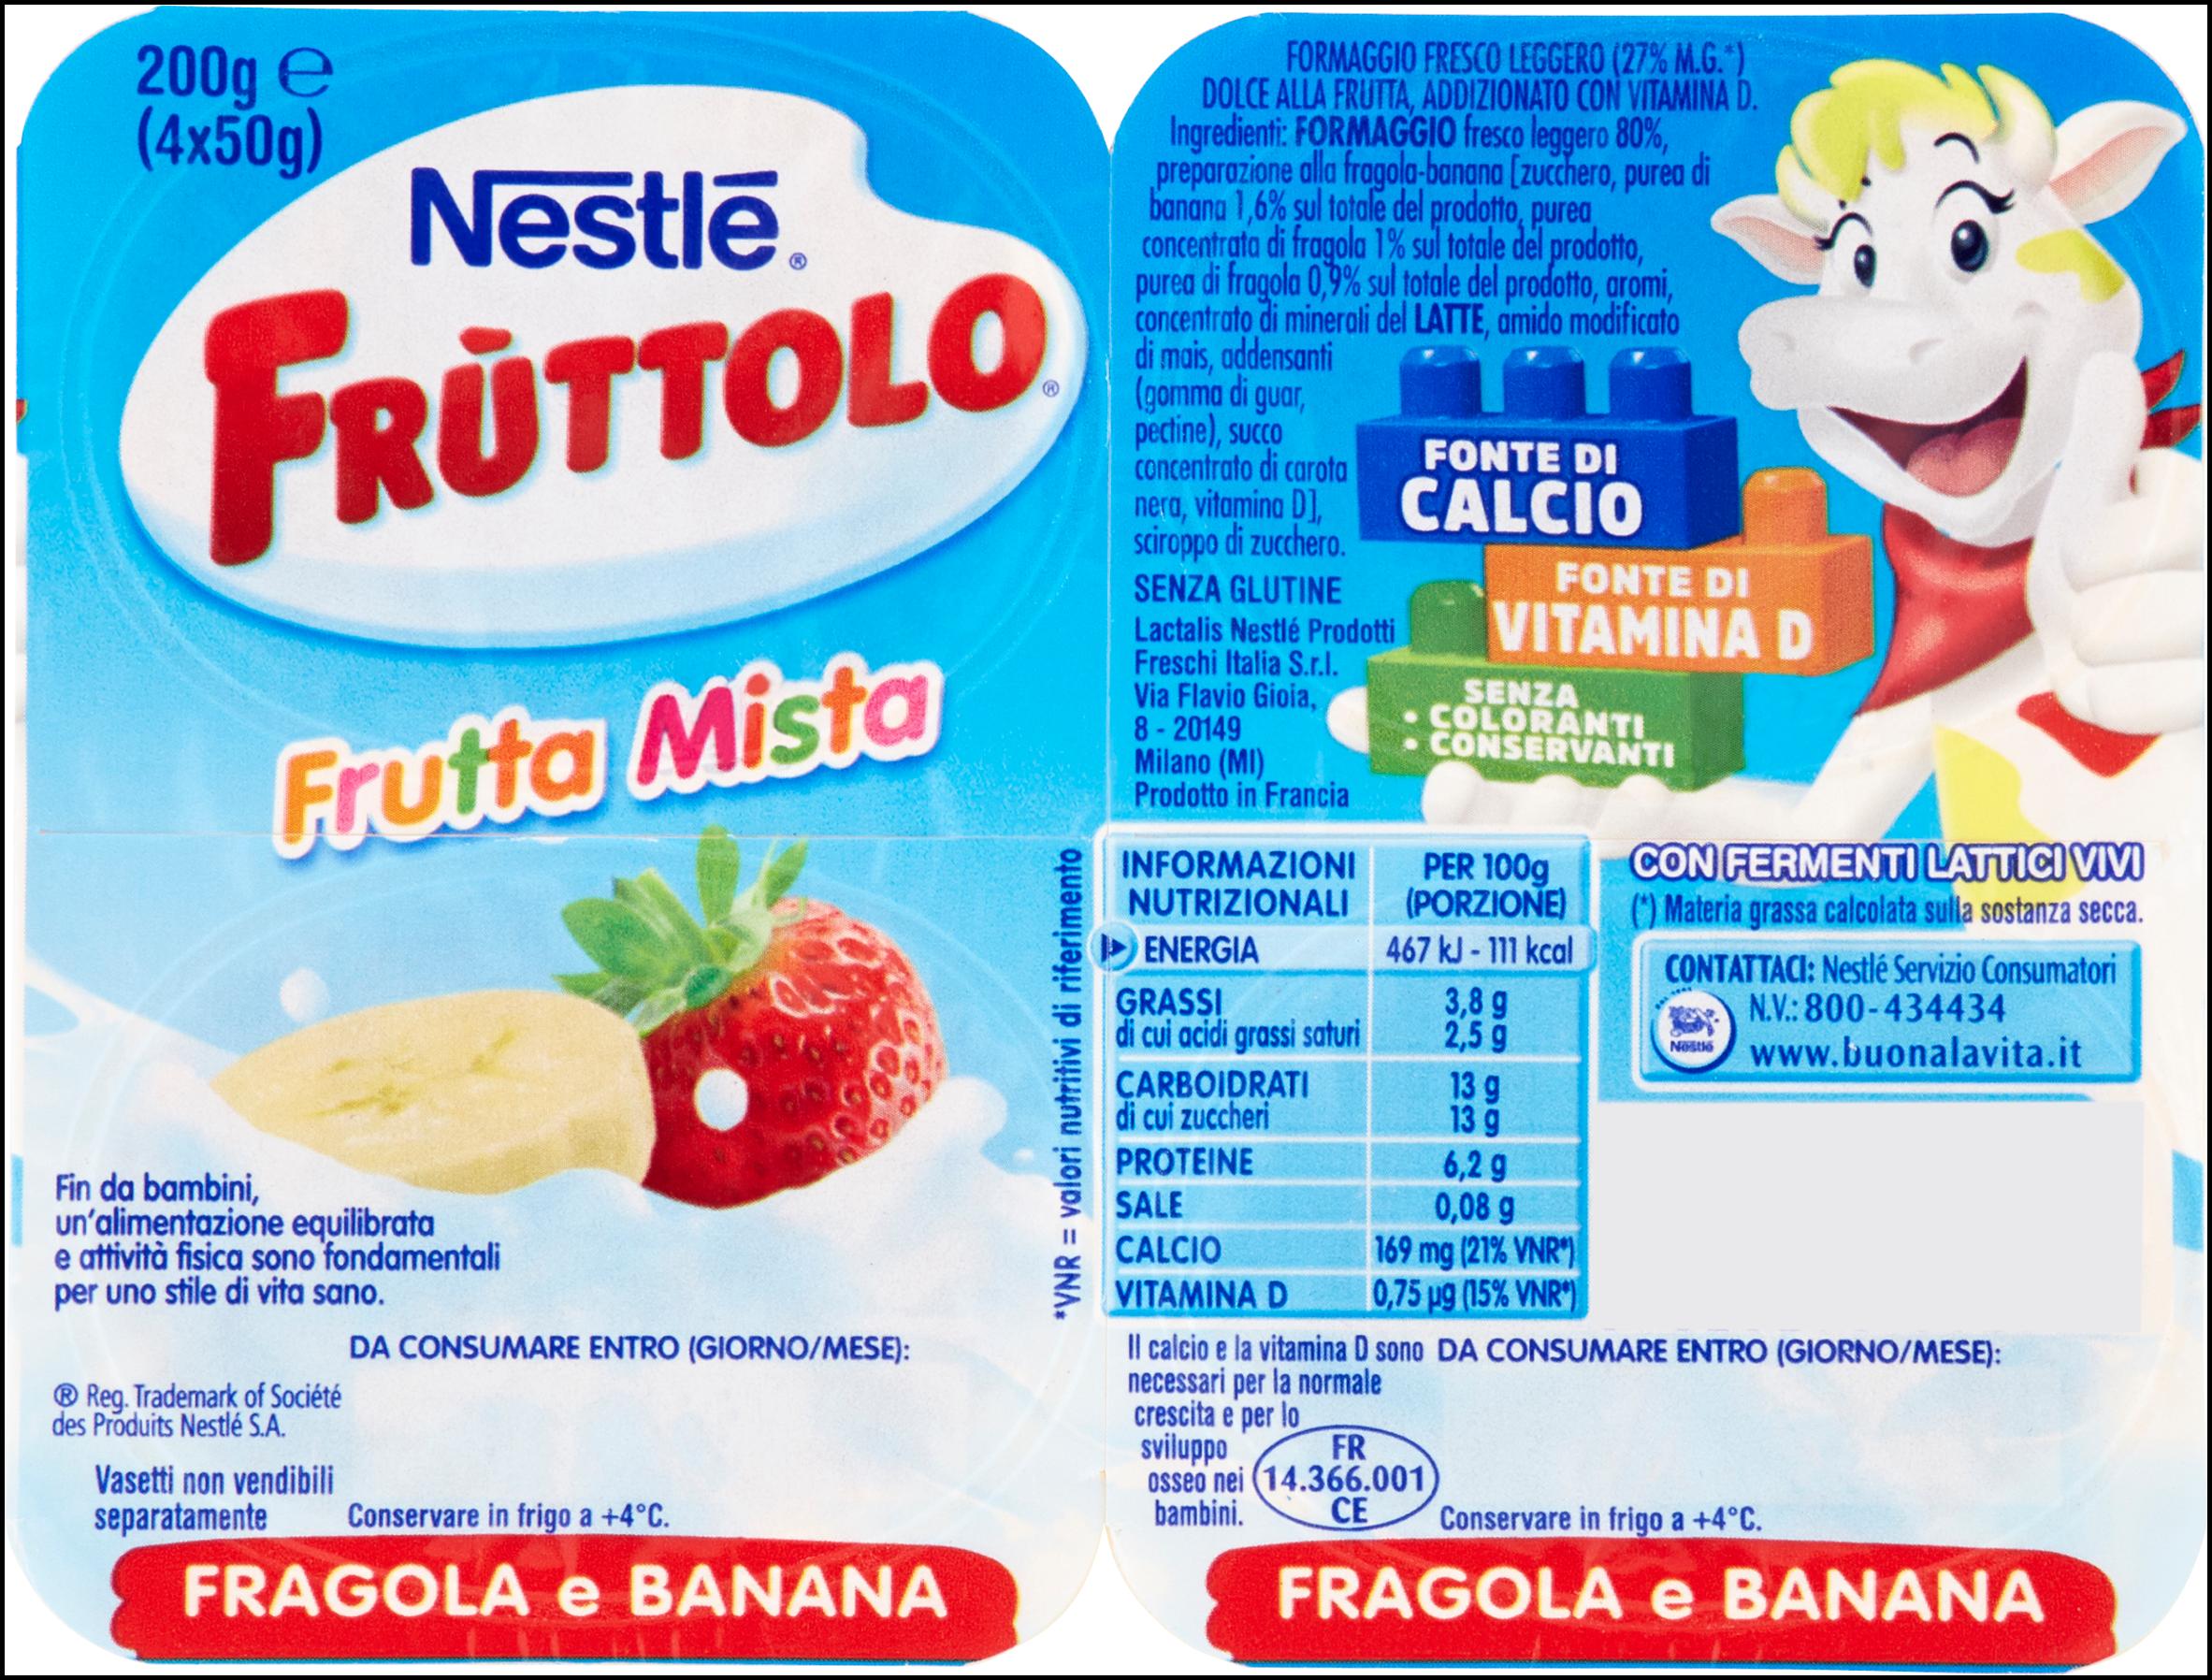 FRUTTOLO 50GX4 FRAGOLA E BANANA